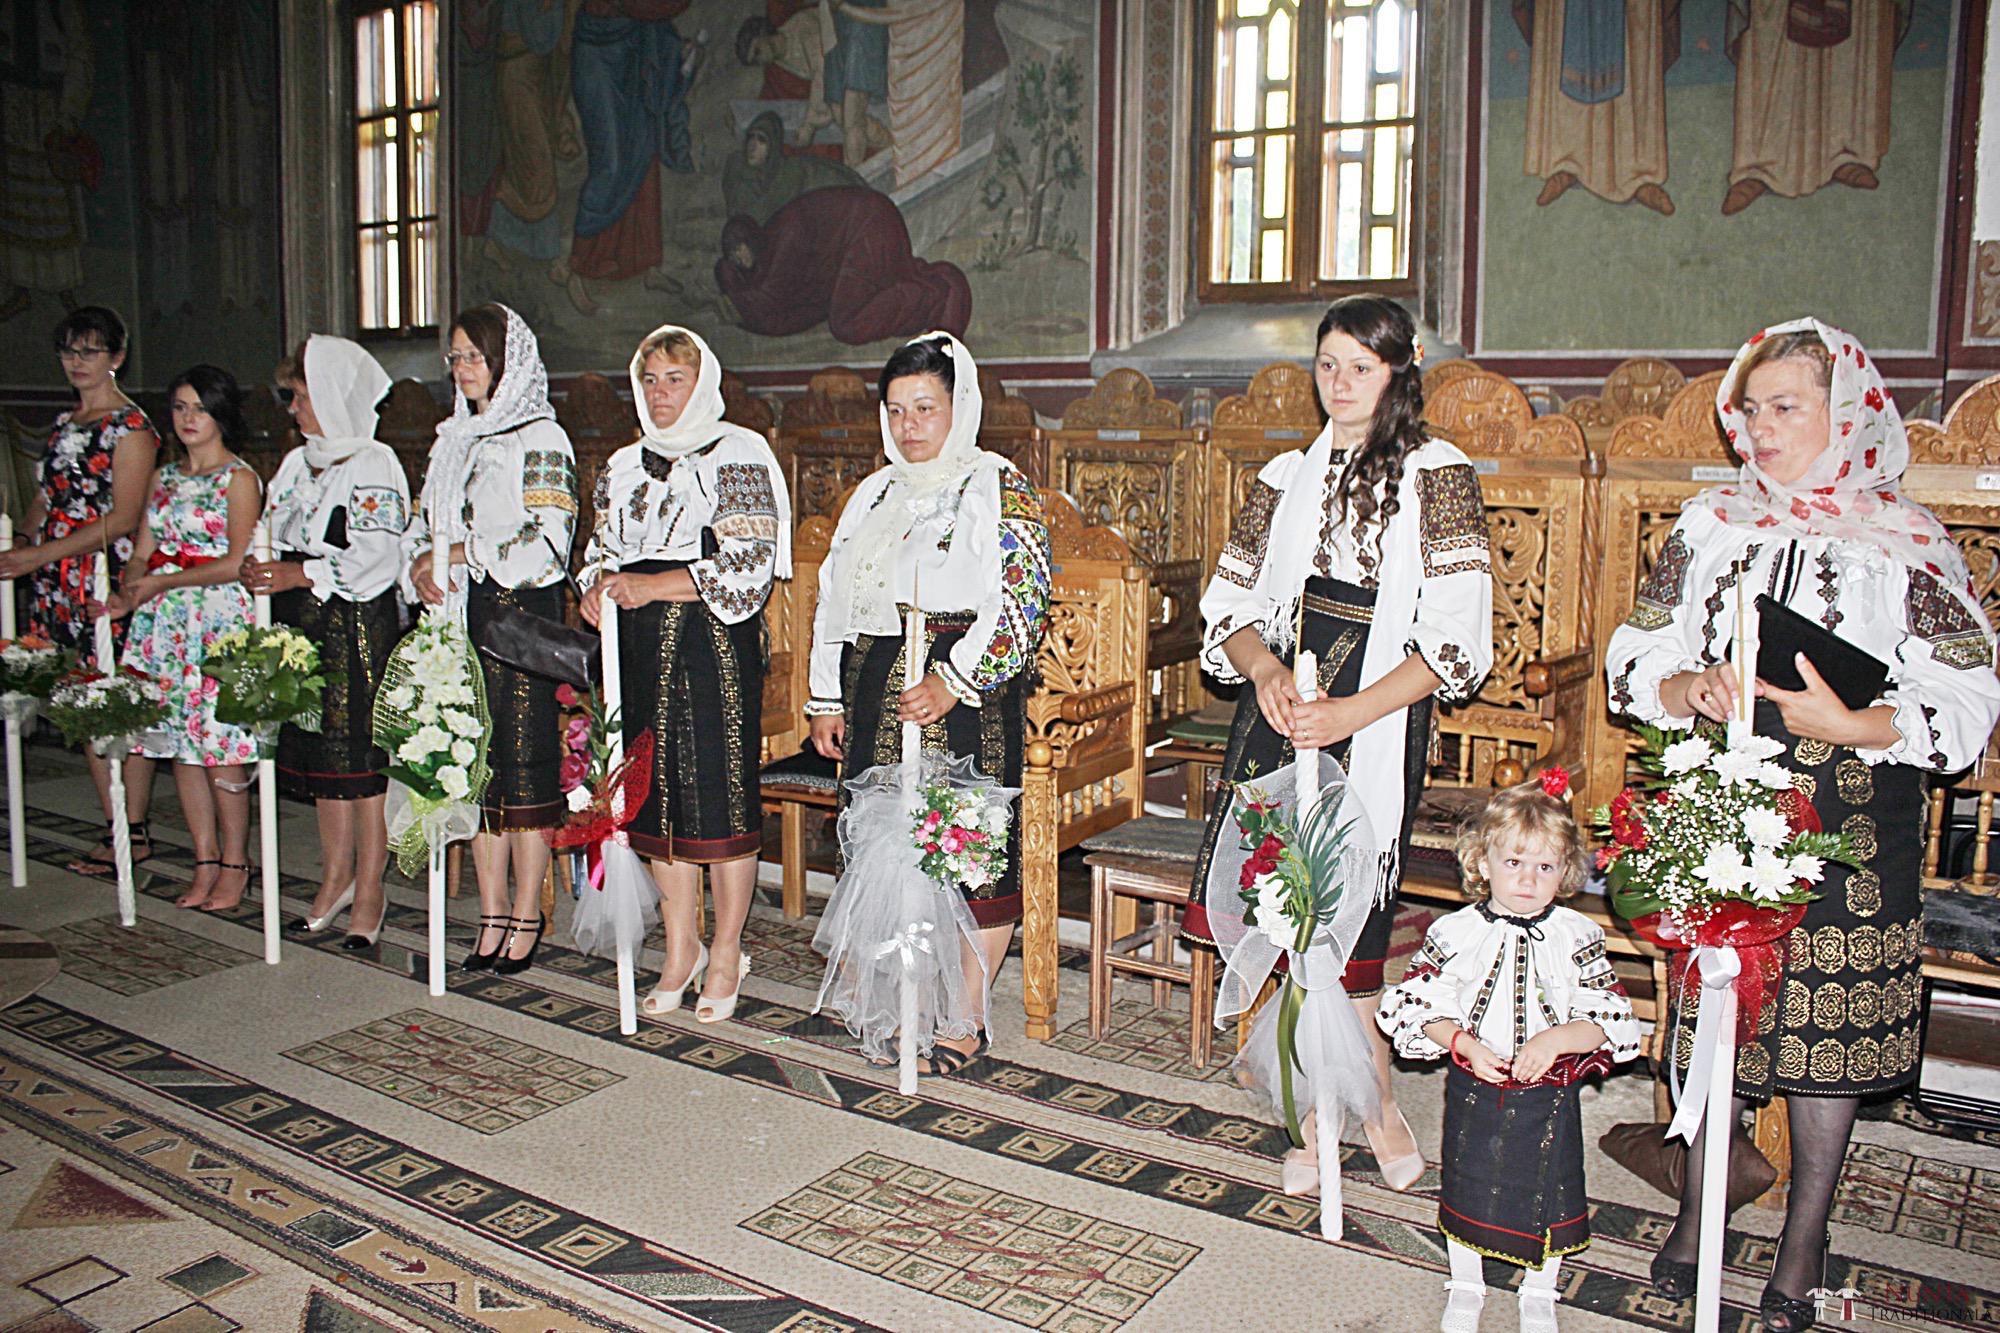 Povești Nunți Tradiționale - Geta și Gavril. Nuntă acasă, în Bucovina. 8